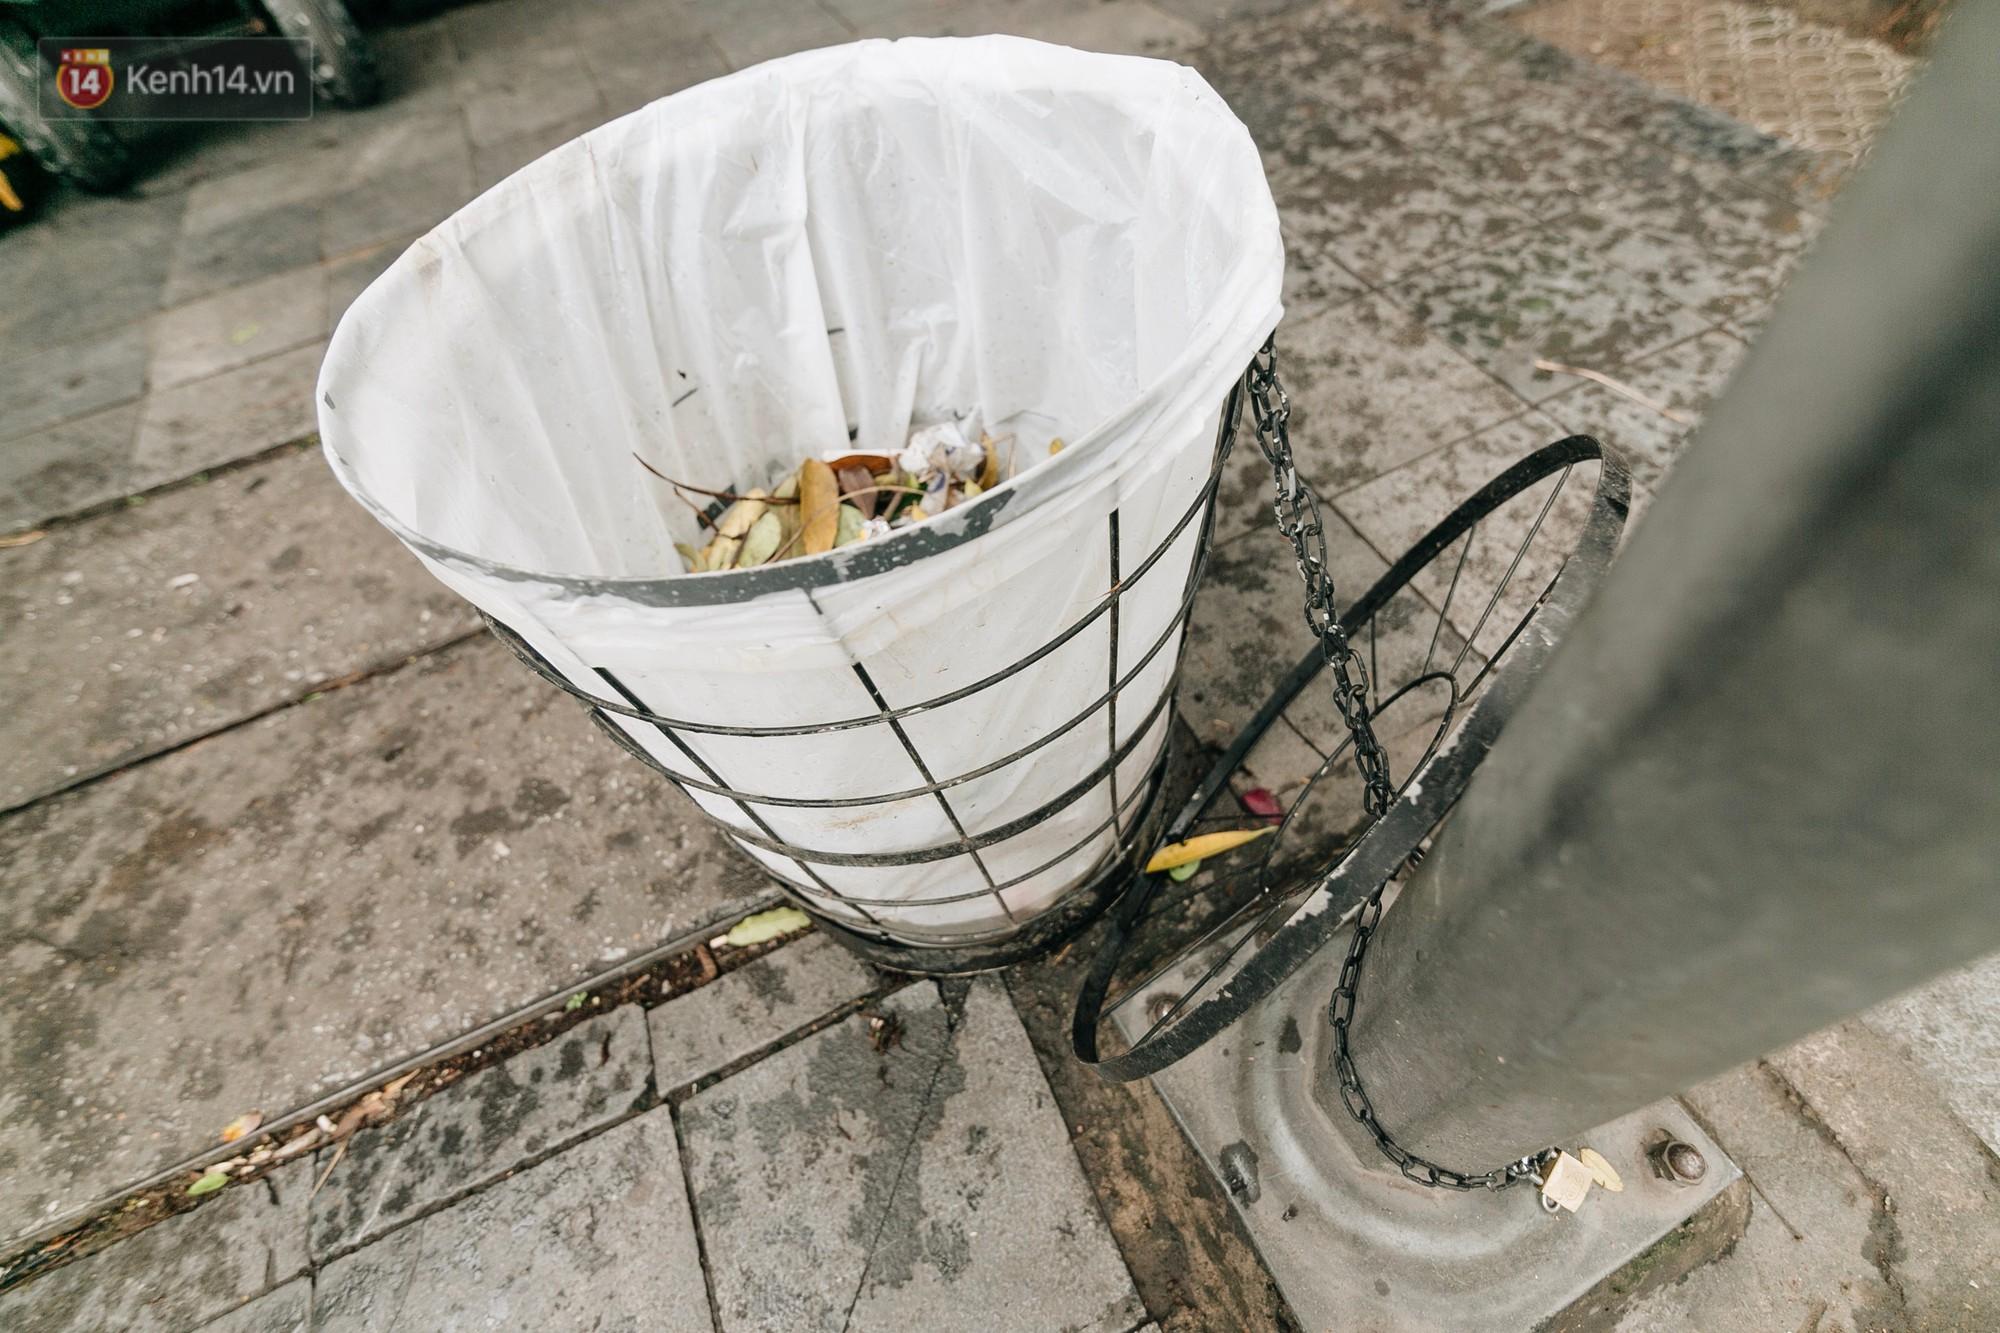 Người Hà Nội ủng hộ việc lắp camera ghi hình, phạt 7 triệu đồng hành vi xả rác ở phố đi bộ - Ảnh 5.